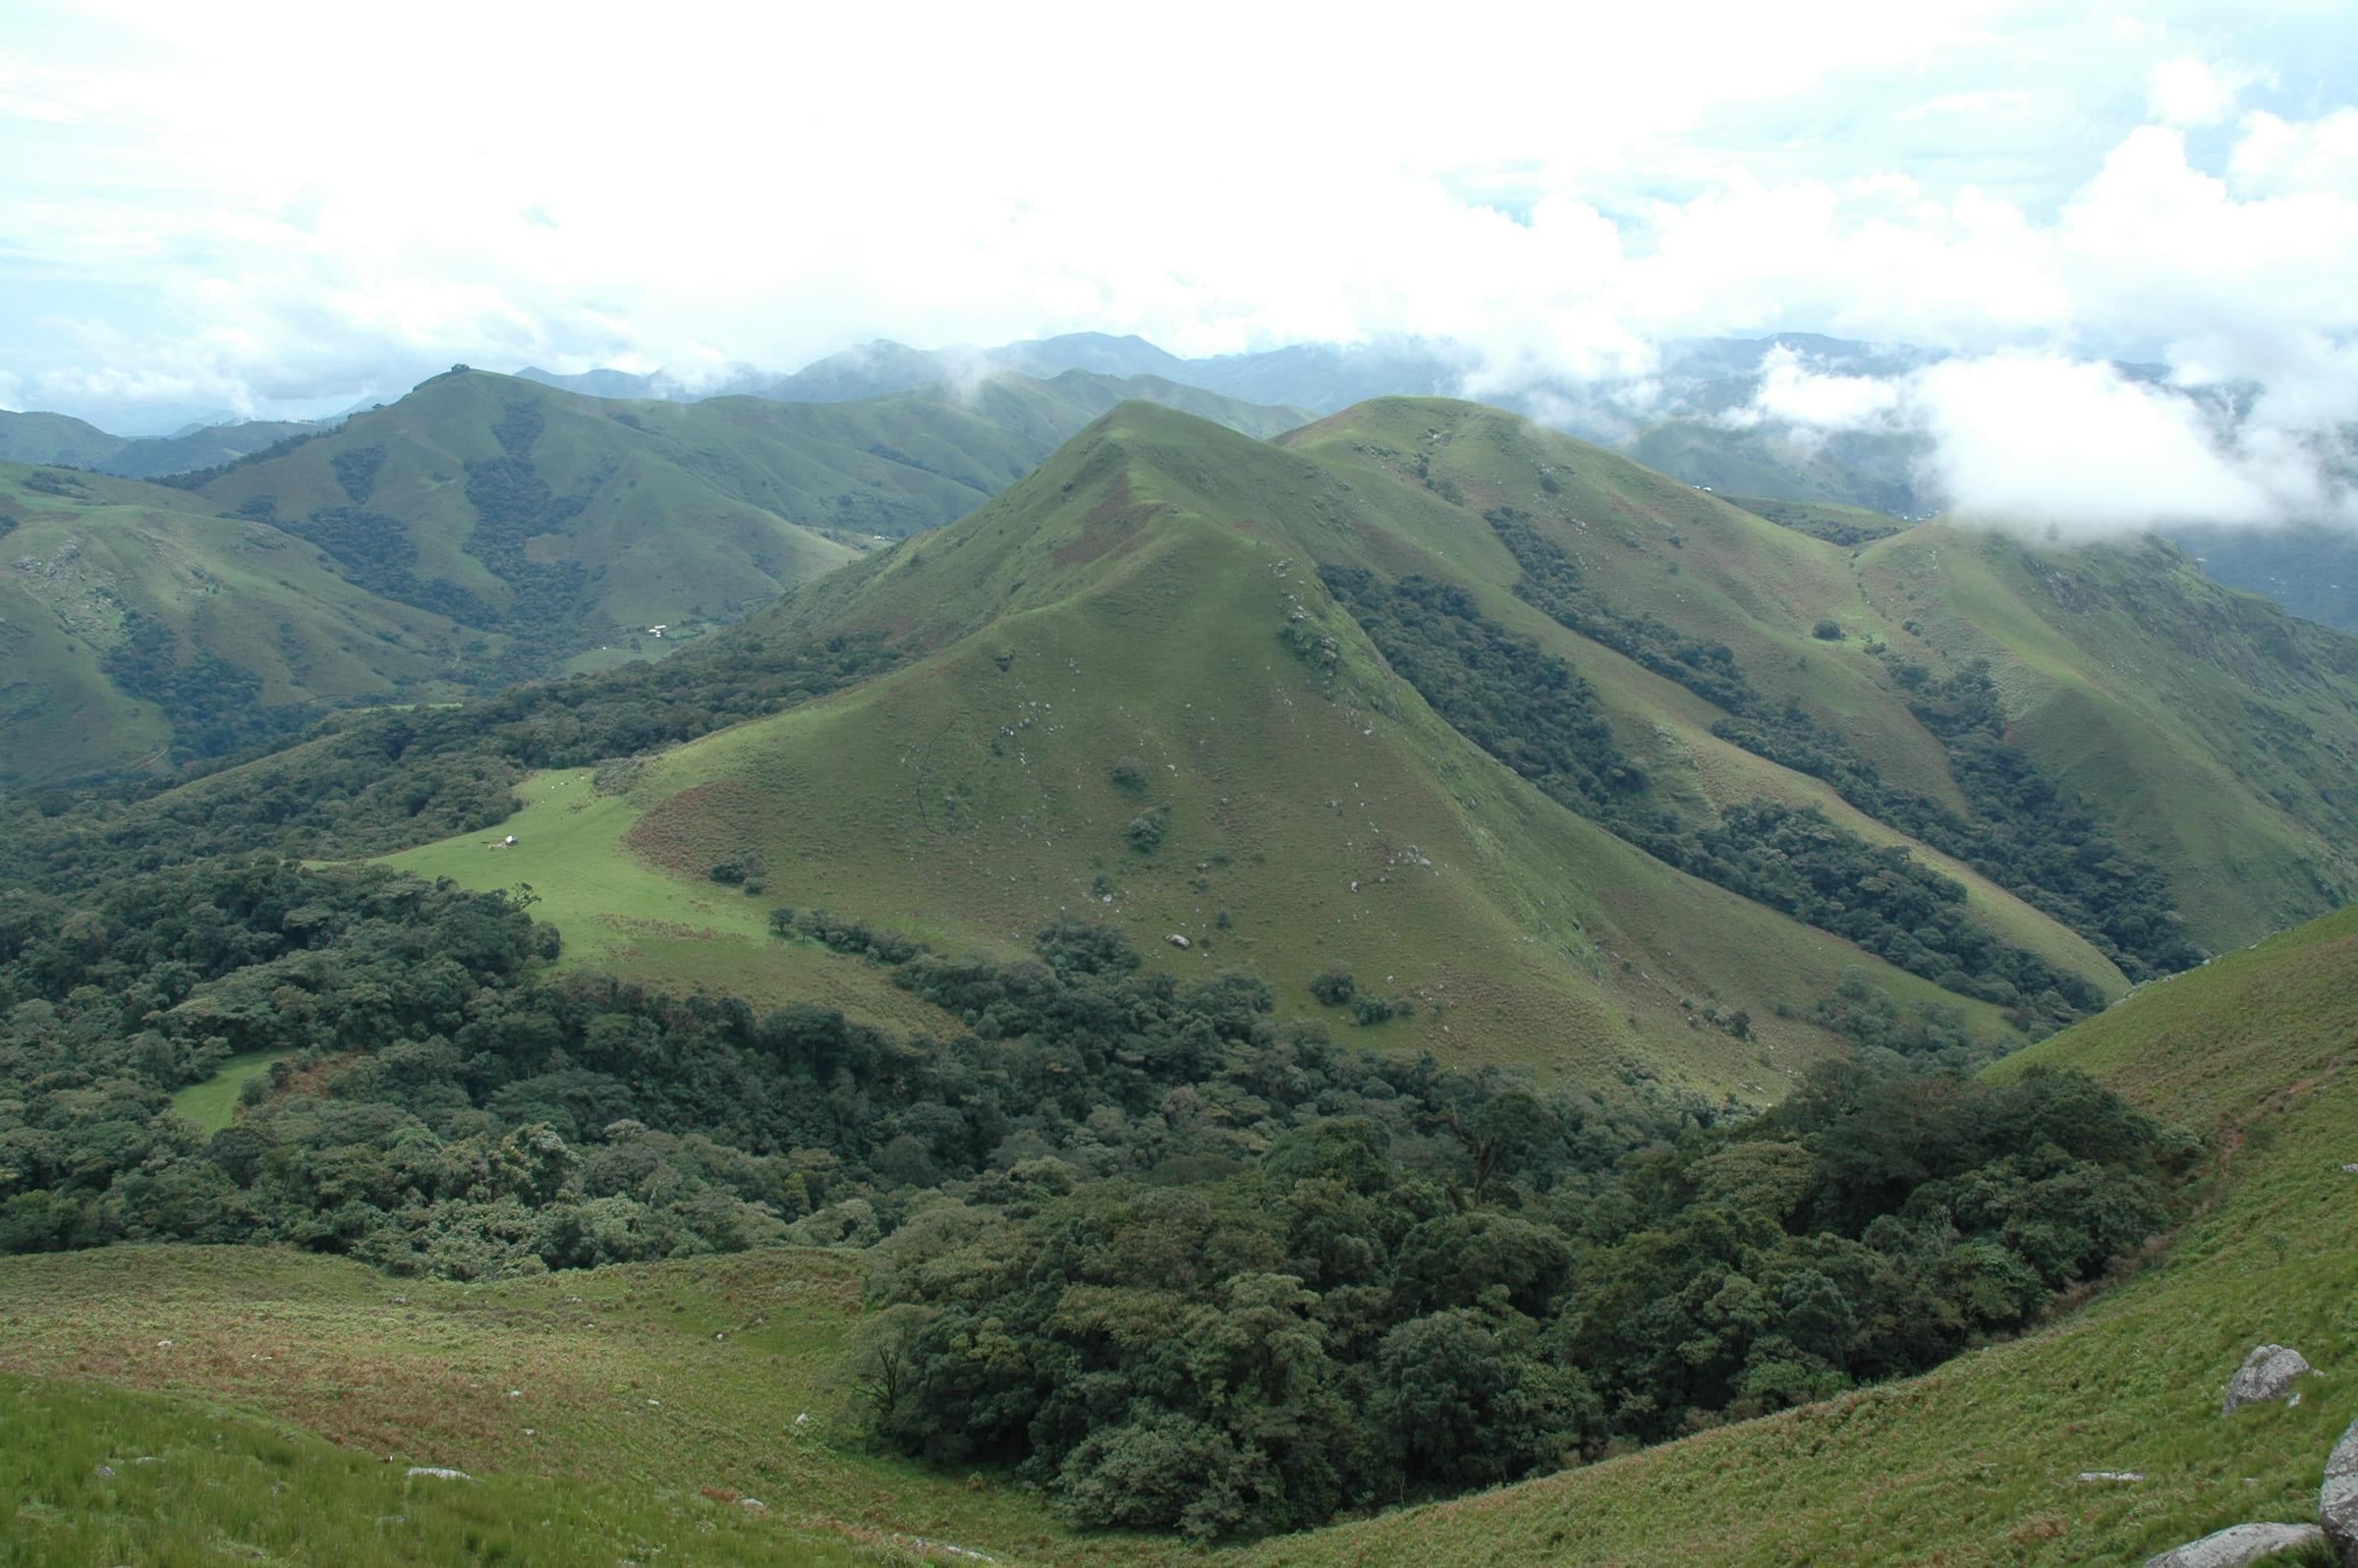 La réserve Minkébé-Mengamé au Cameroun